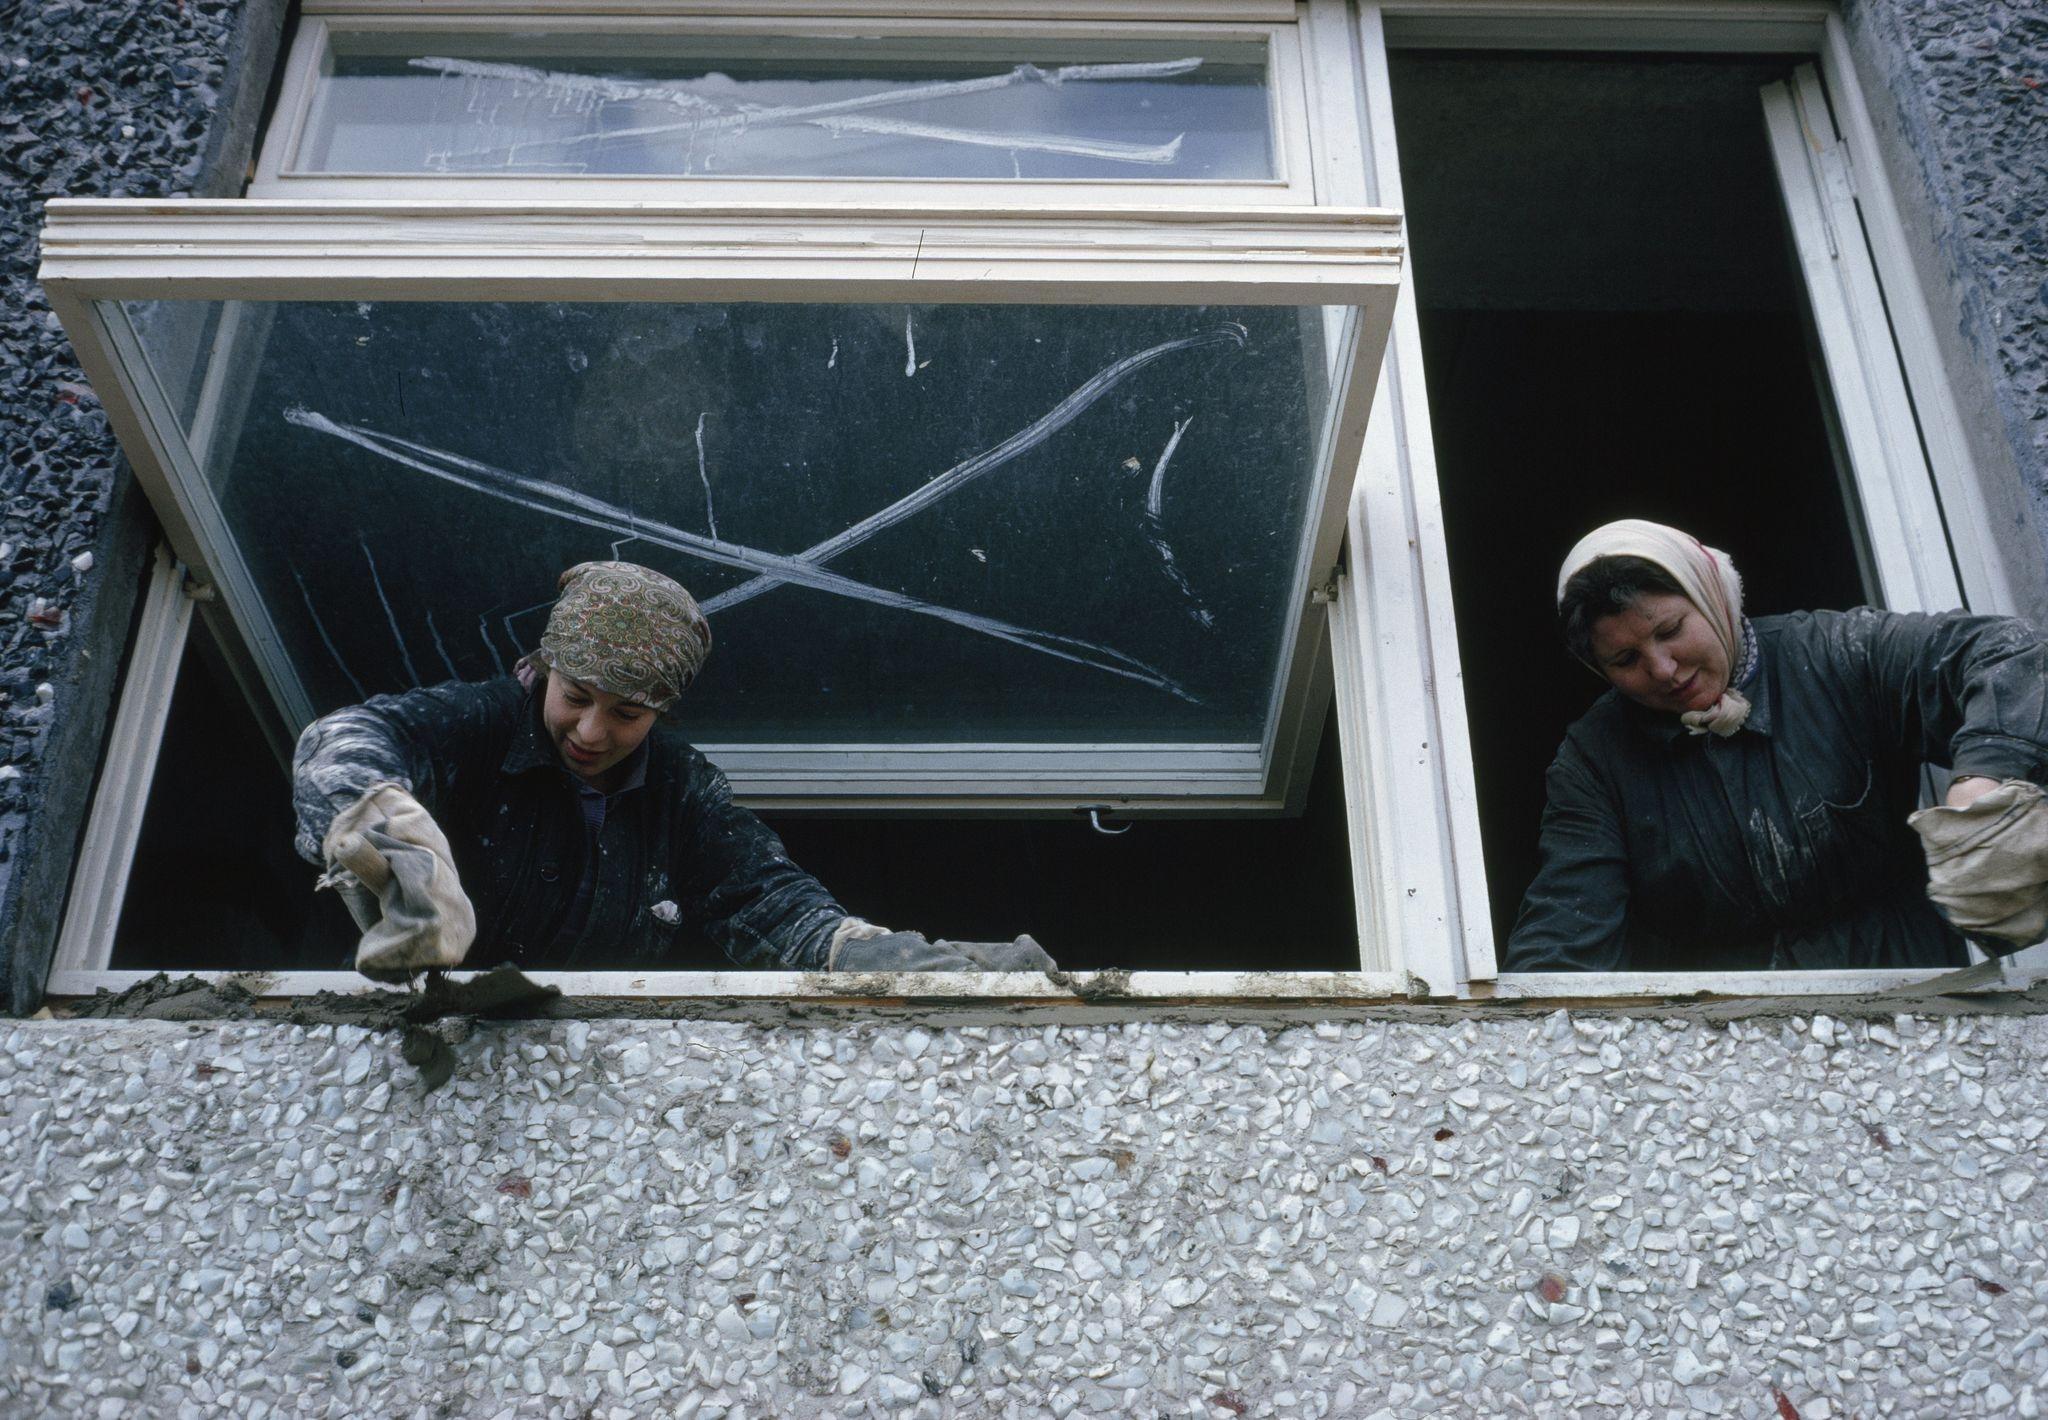 1964. Женщины-строители устанавливают окна в новом многоквартирном доме